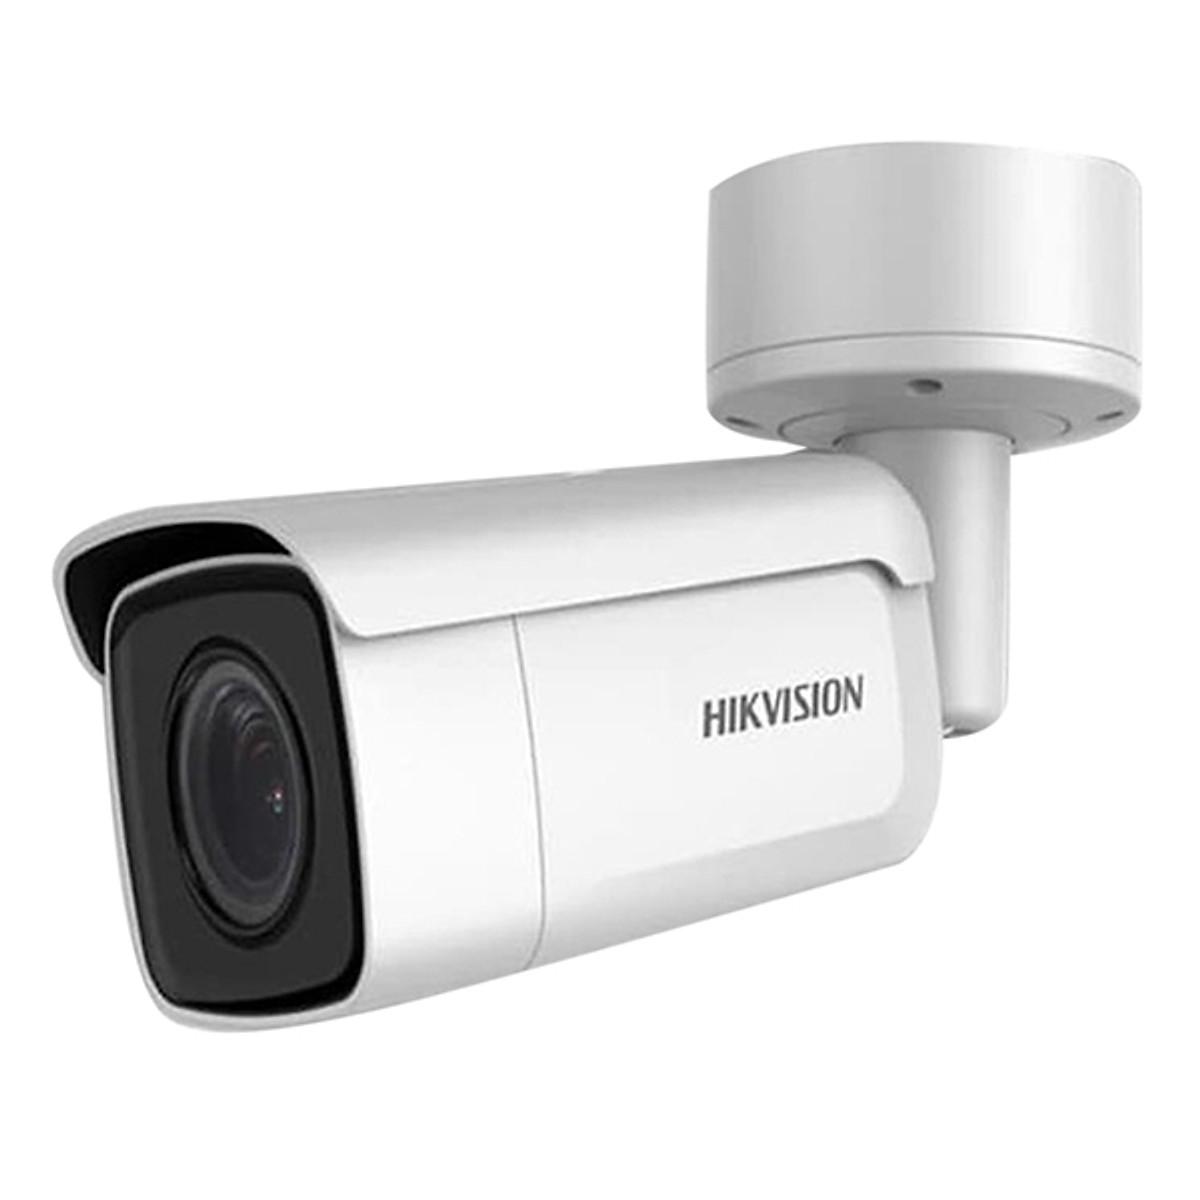 Camera IP Hồng Ngoại 2MP Hikvision DS-2CD2623G0-IZS – Hàng Nhập Khẩu